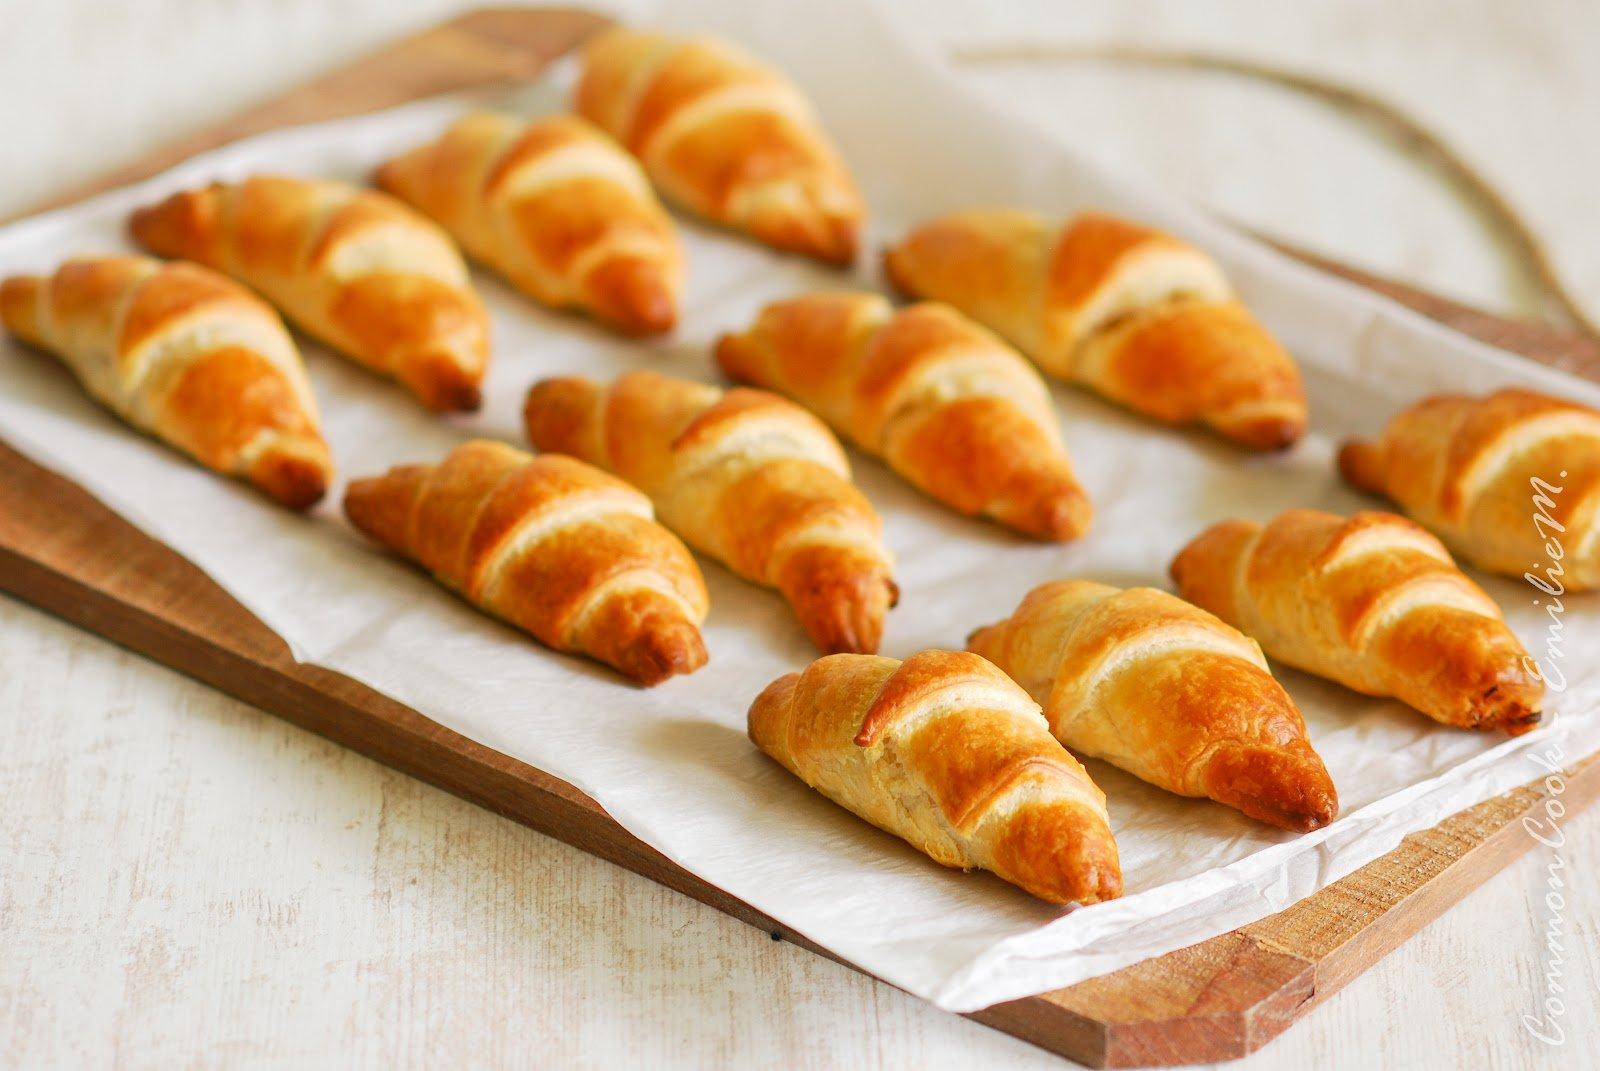 Réalisez vous-même des croissants ! La recette est trop simple